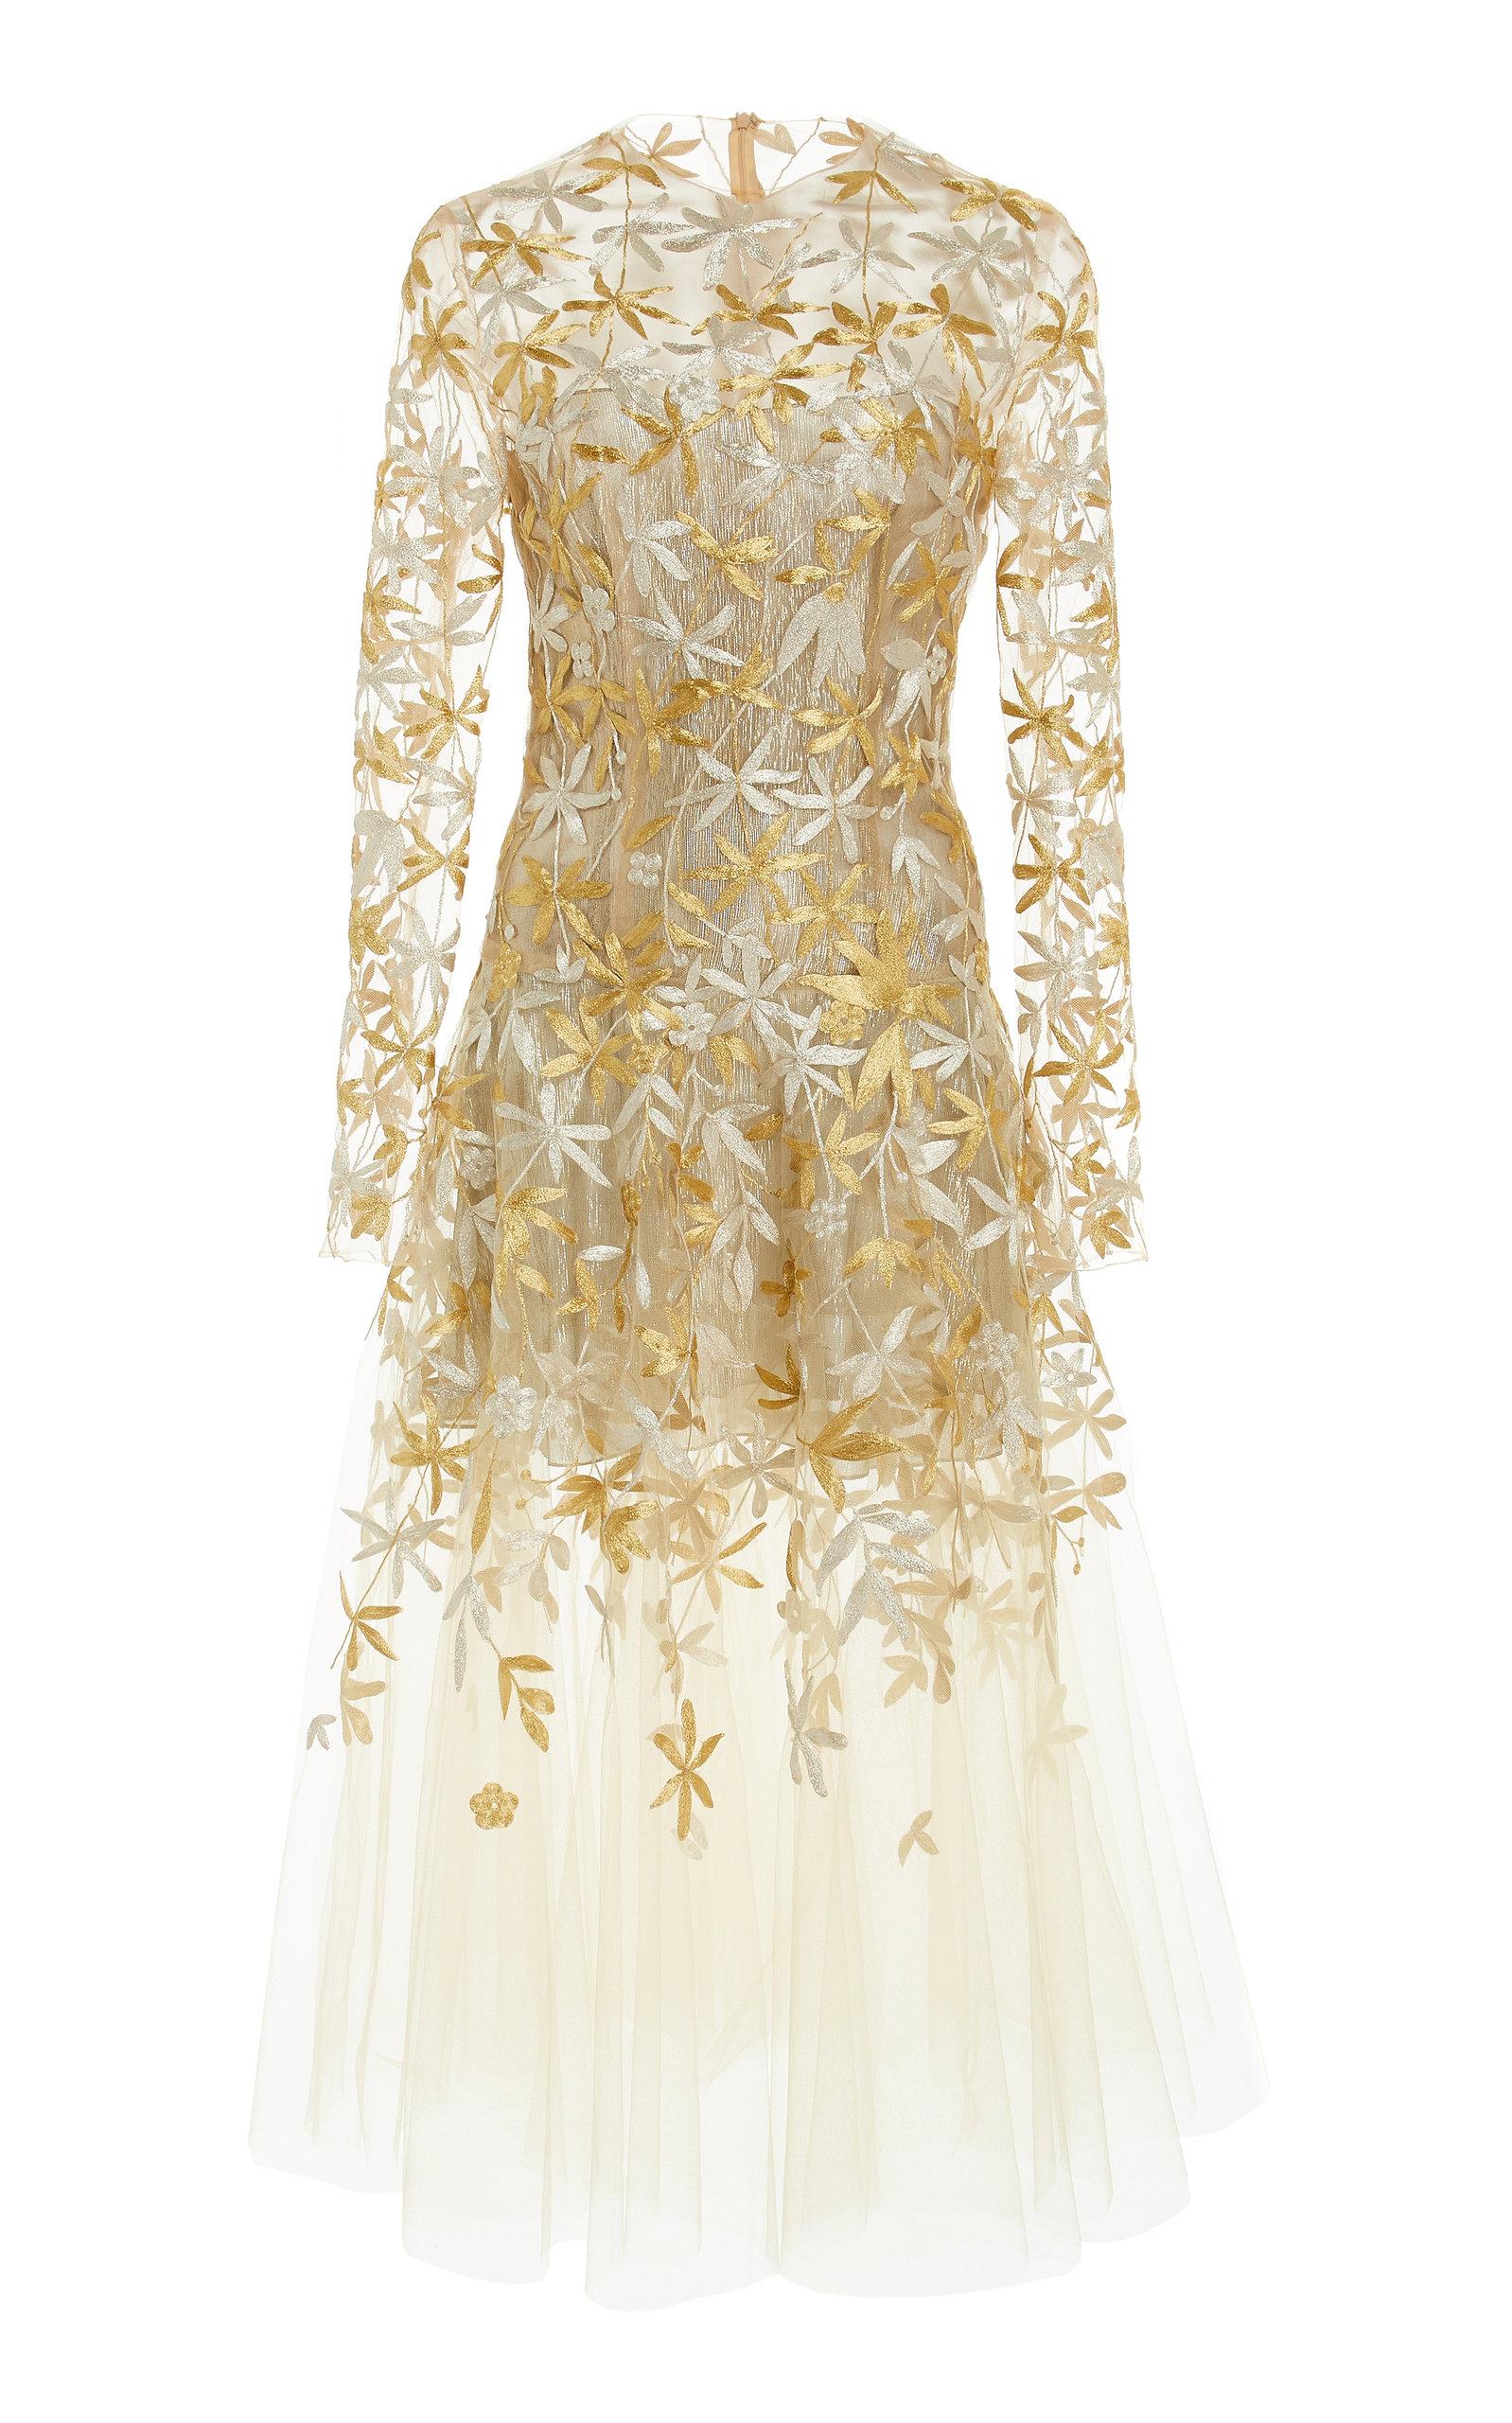 eb628673808 Oscar de la RentaFull Sleeve Embroidered Midi Dress. CLOSE. Loading